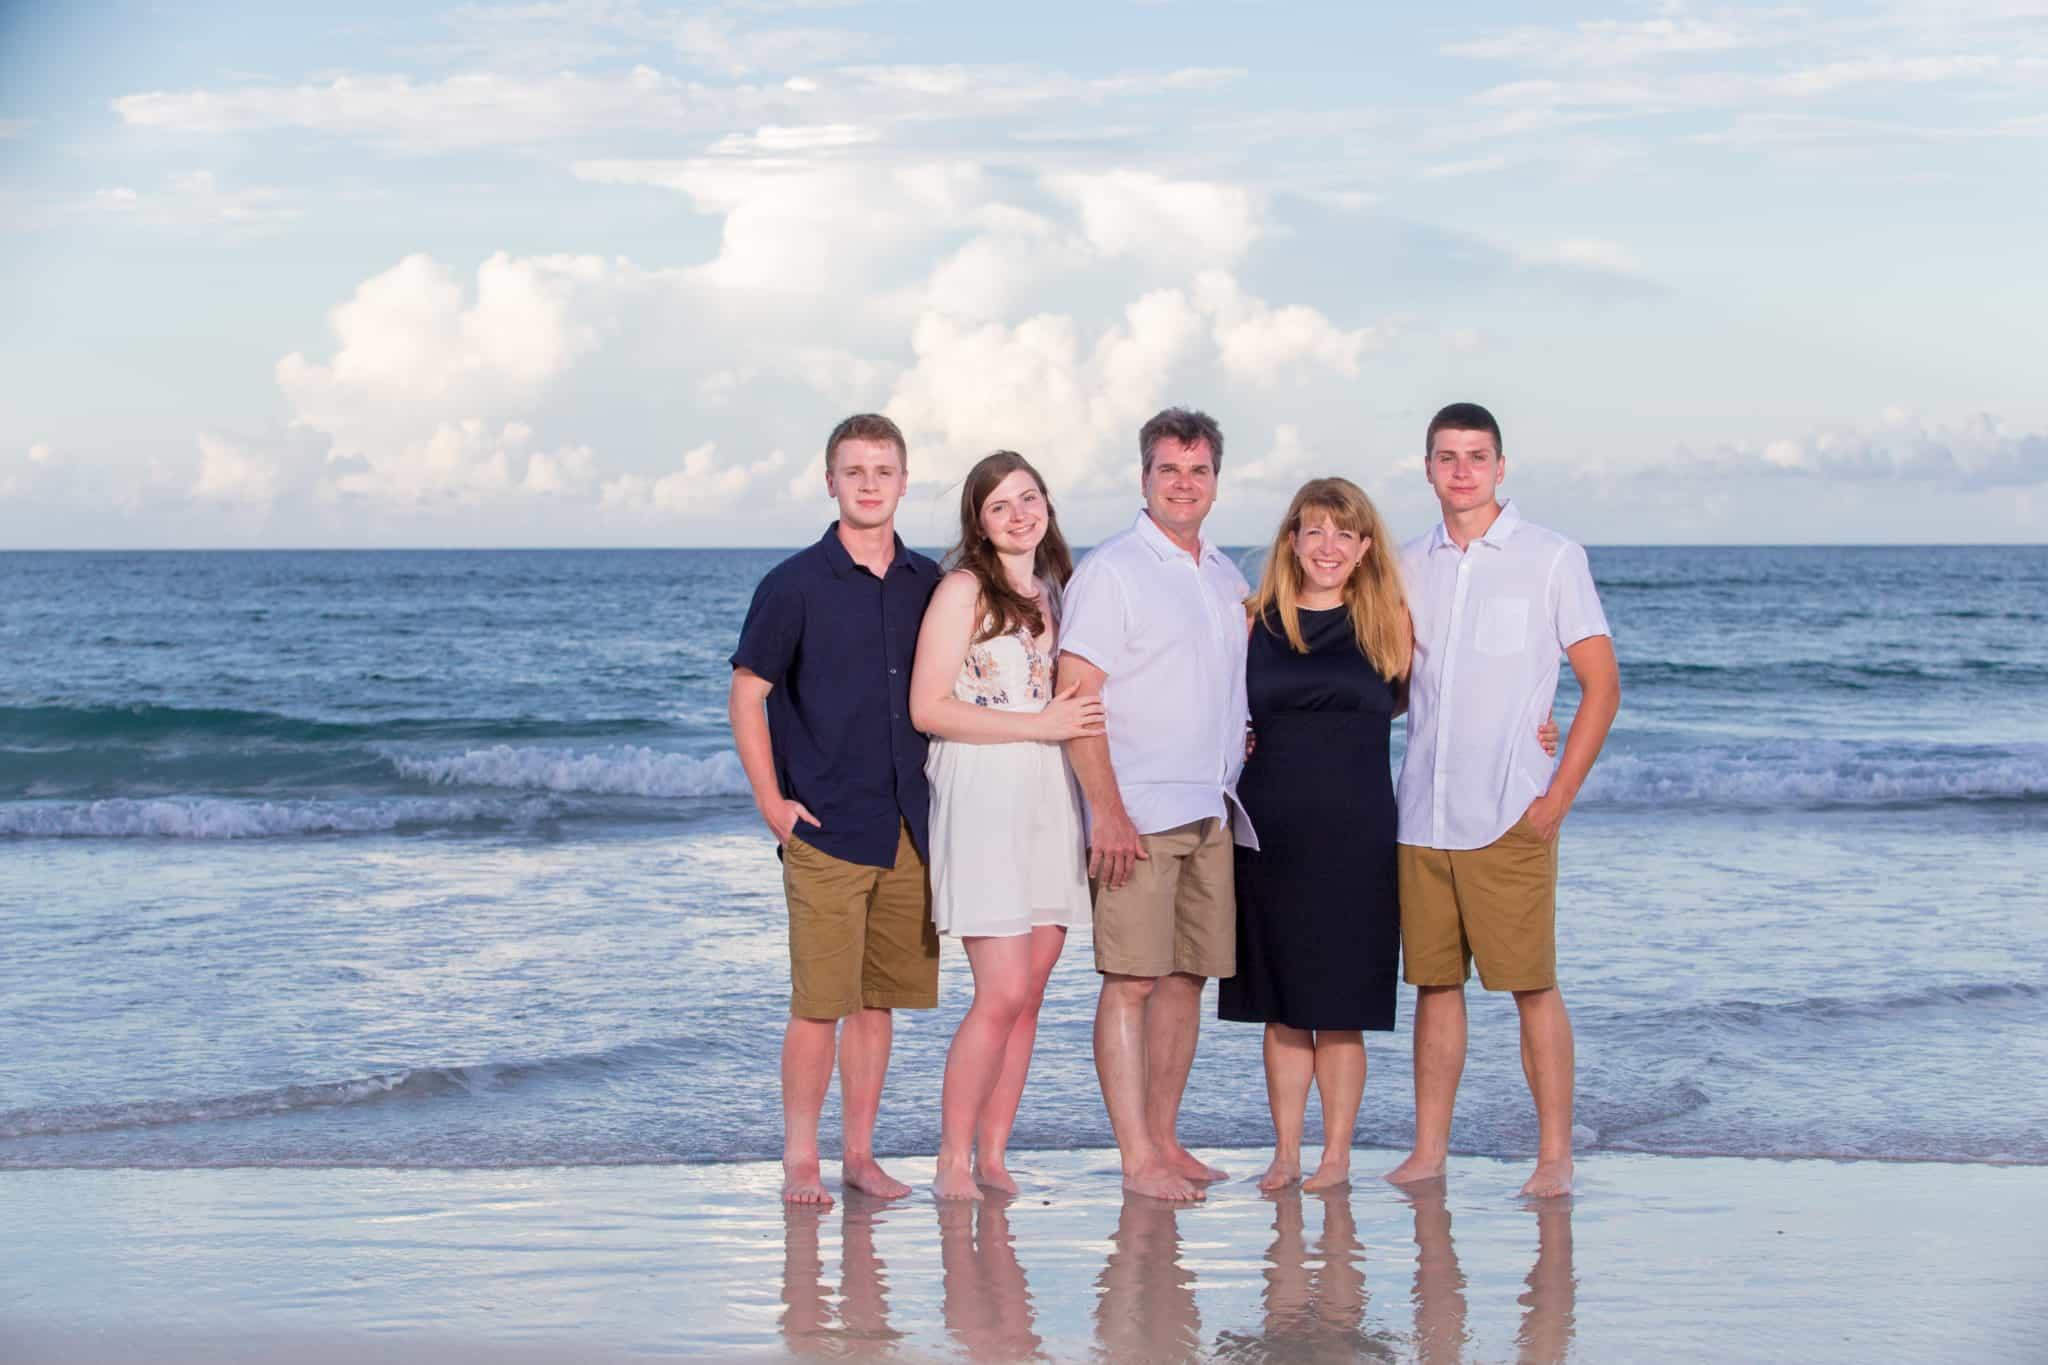 Family photography near New Smyrna beach